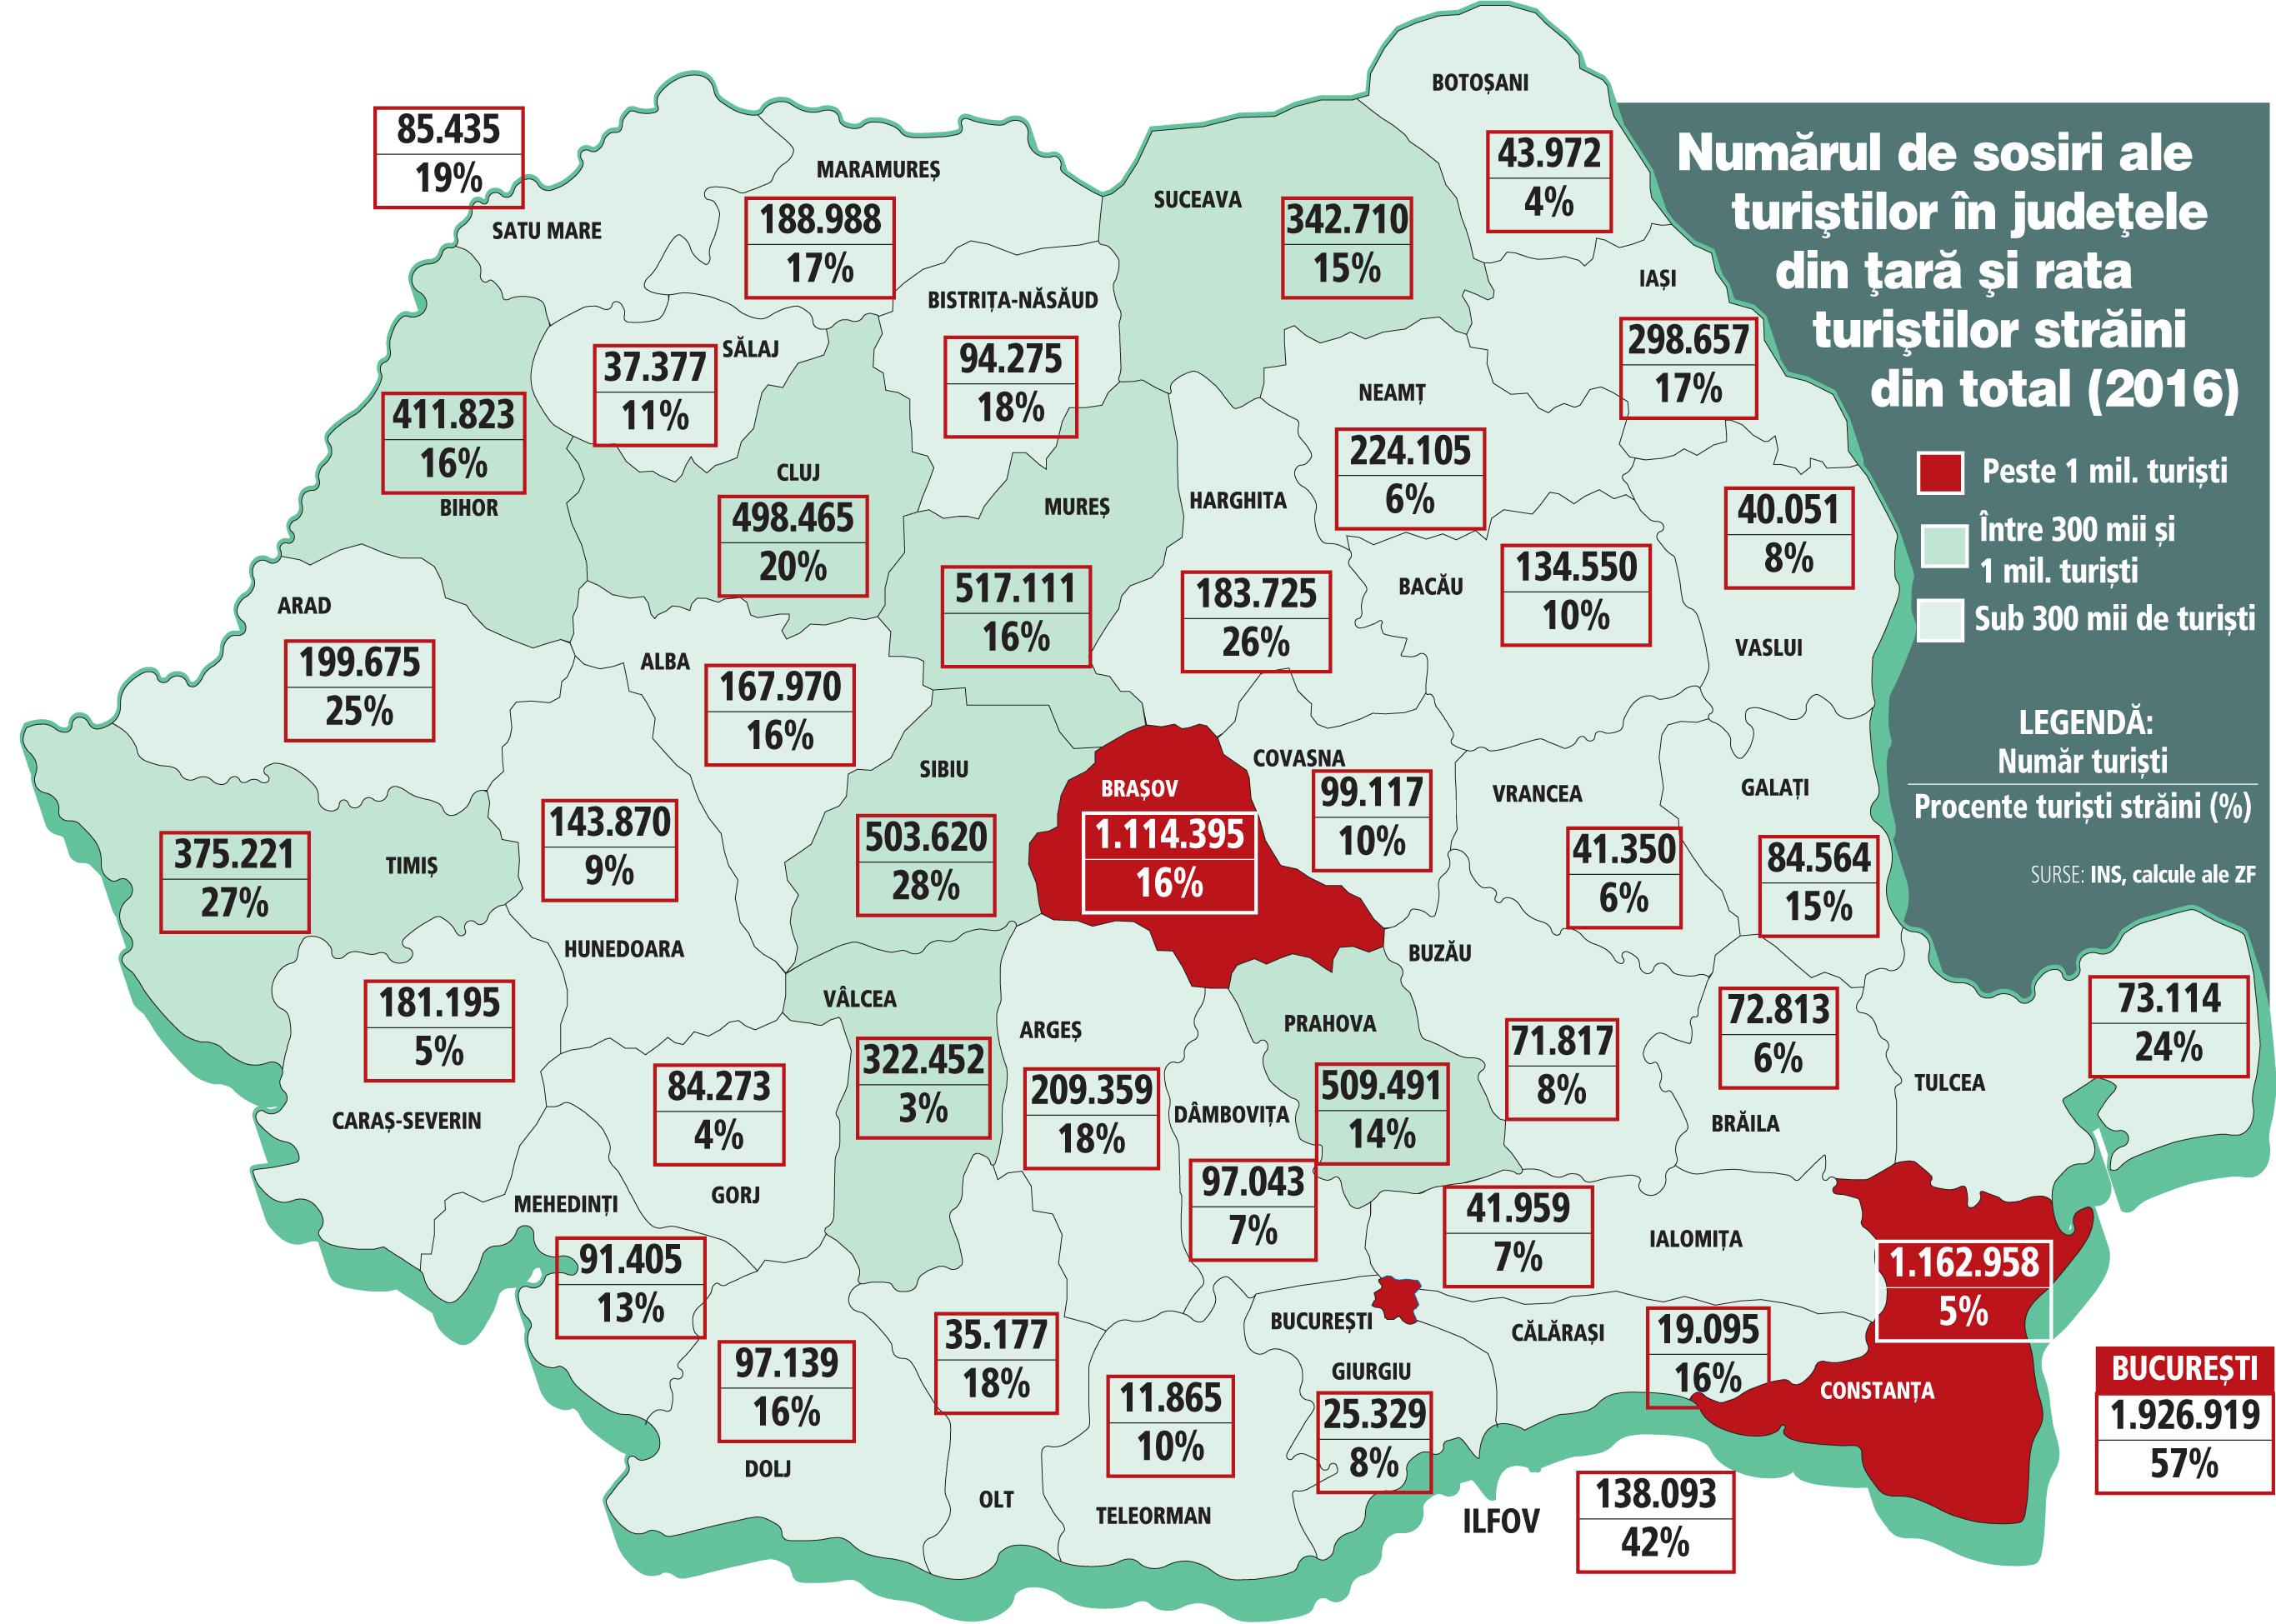 Harta Turistică A Romaniei Unu Din Doi Turisti Care Au Venit Anul